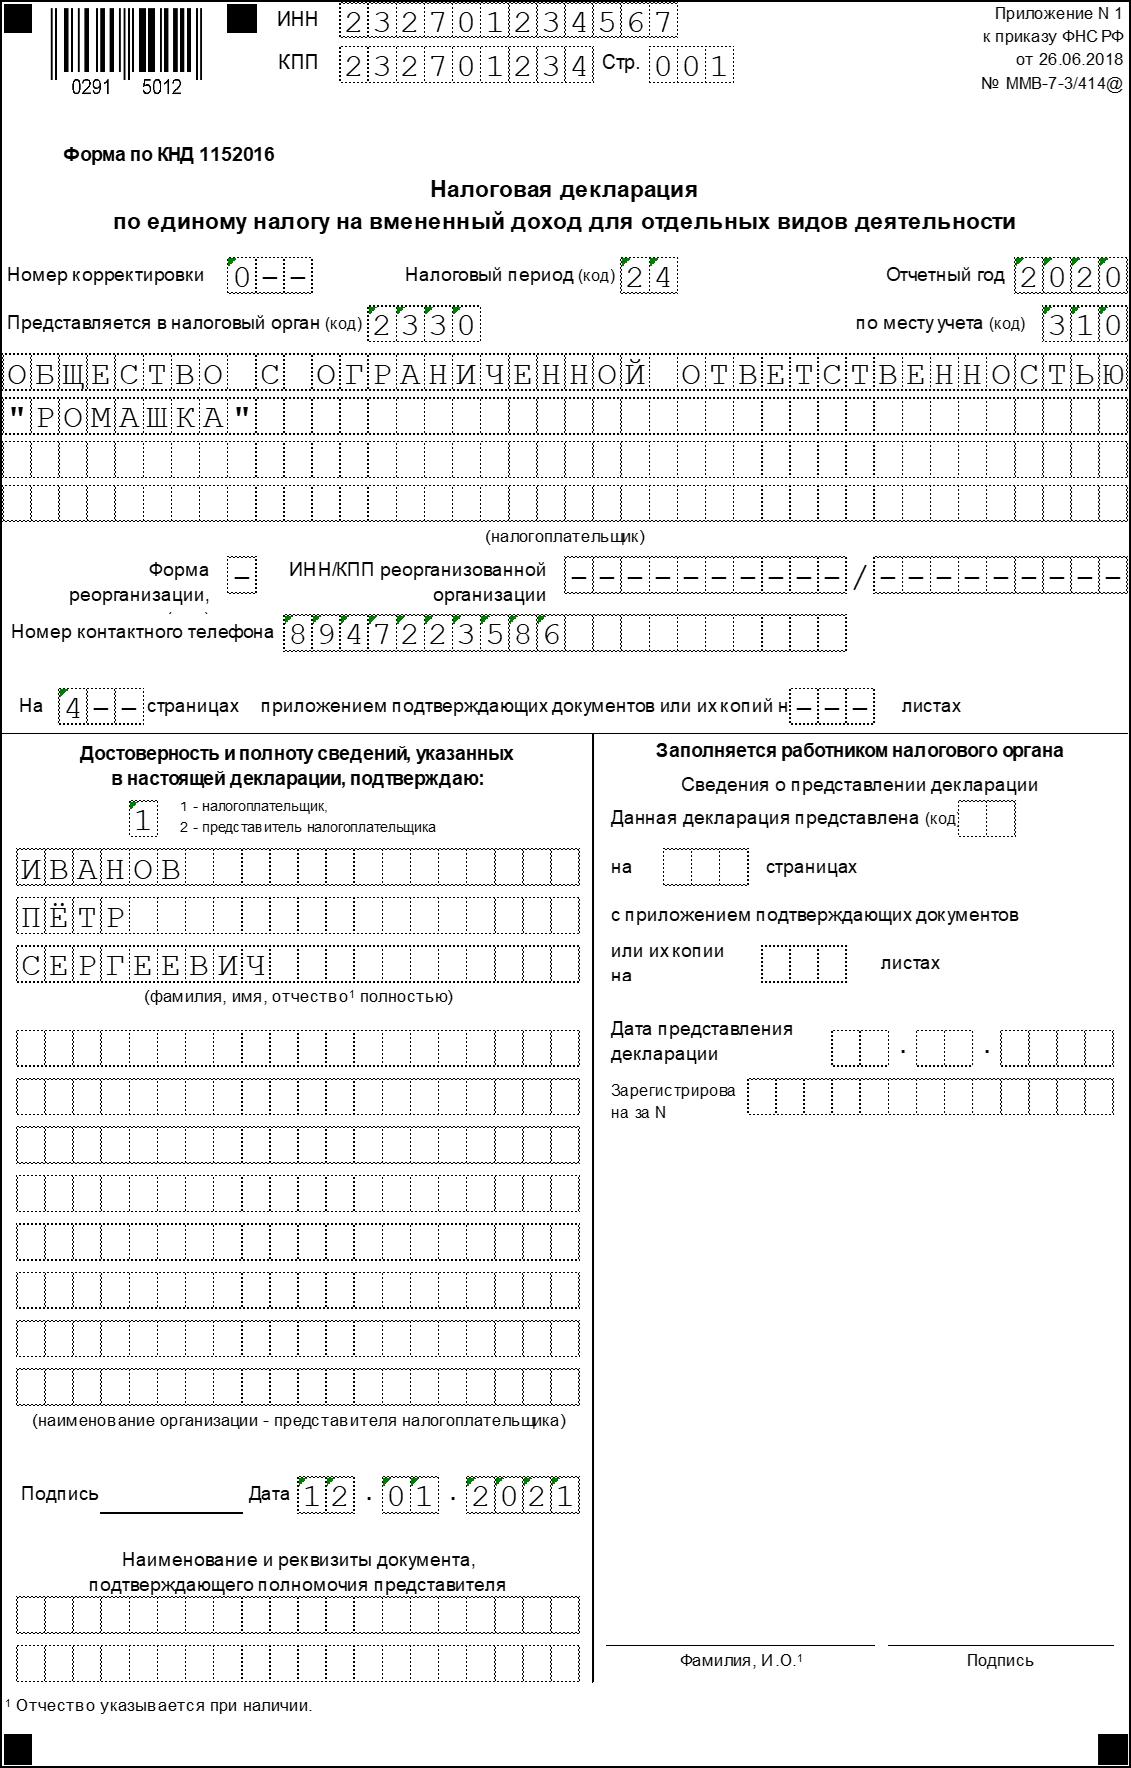 Титульный лист ЕНВД